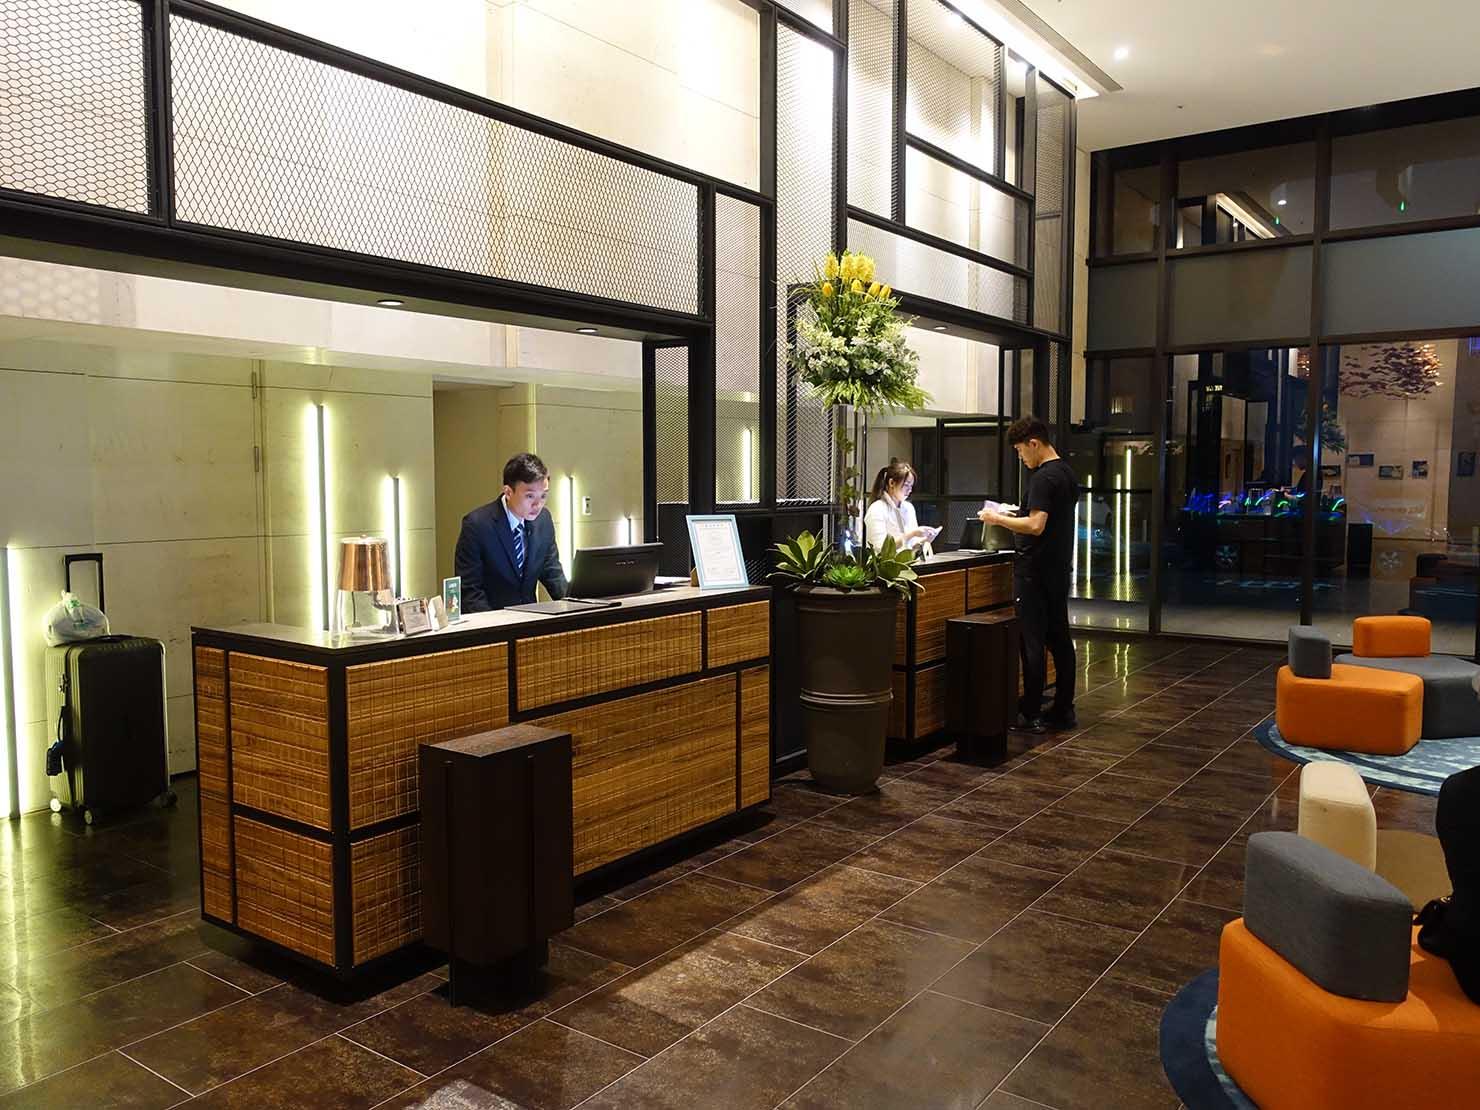 高雄市内観光におすすめのホテル「GREET INN 喜迎旅店」のフロント